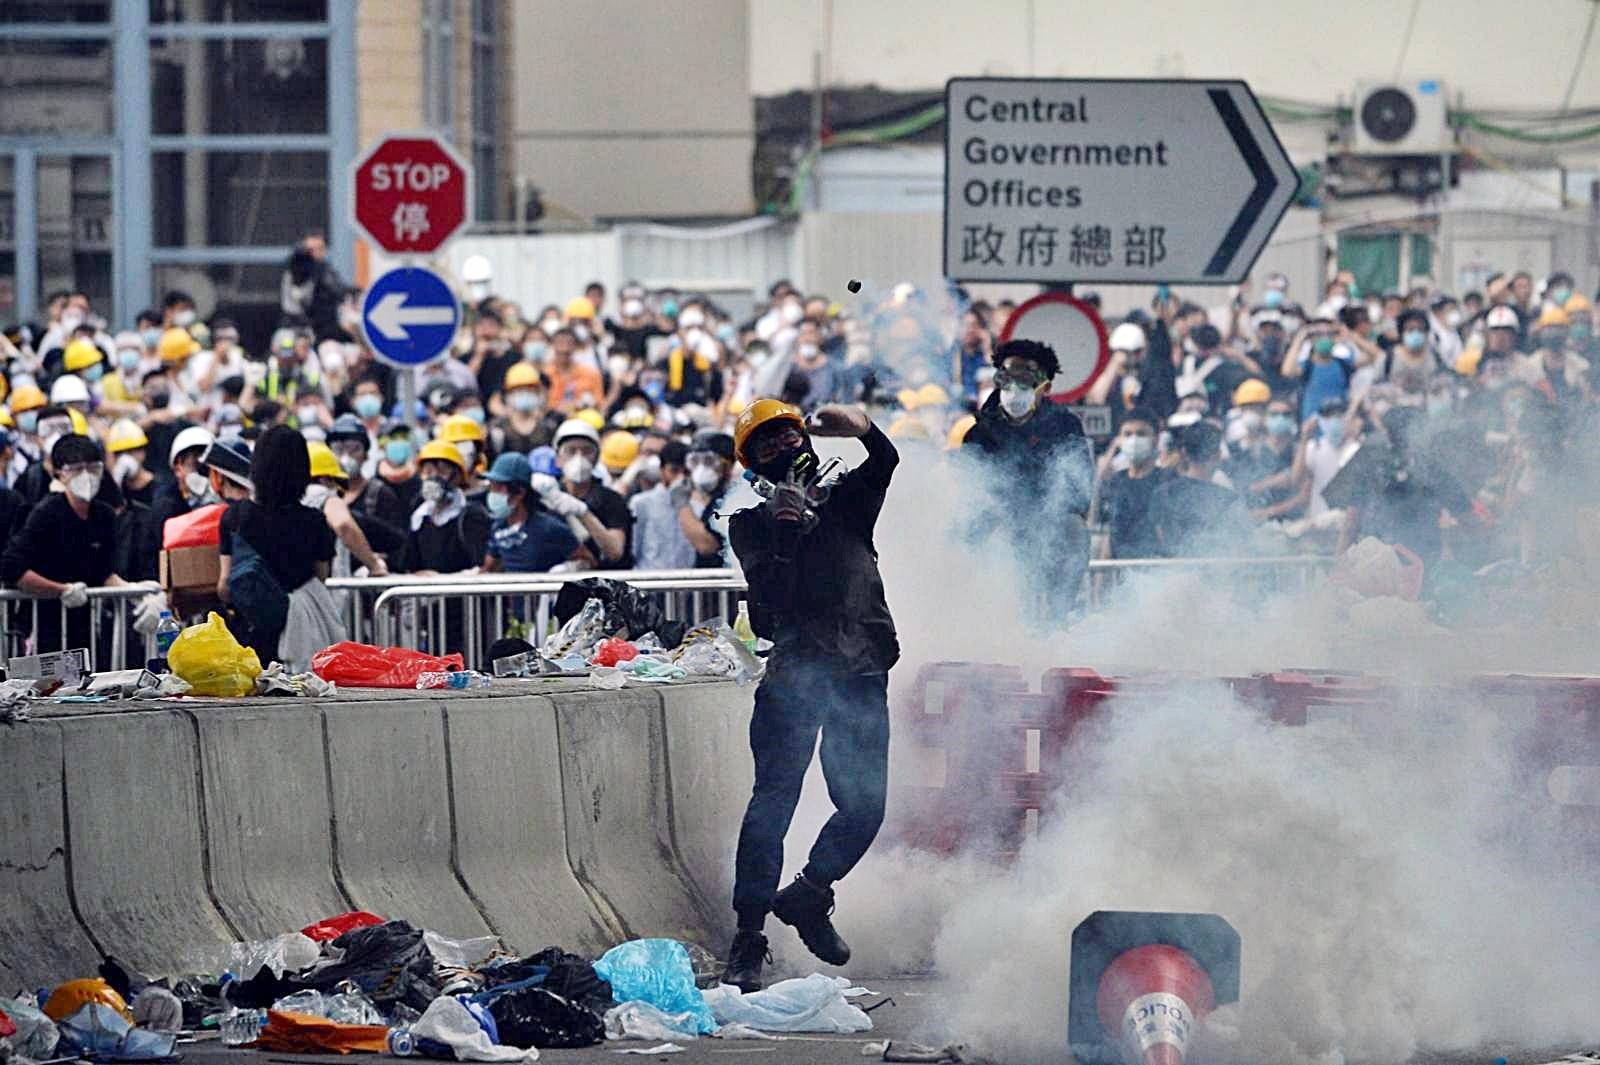 部份示威者帶頭盔眼罩應對警方的驅趕。